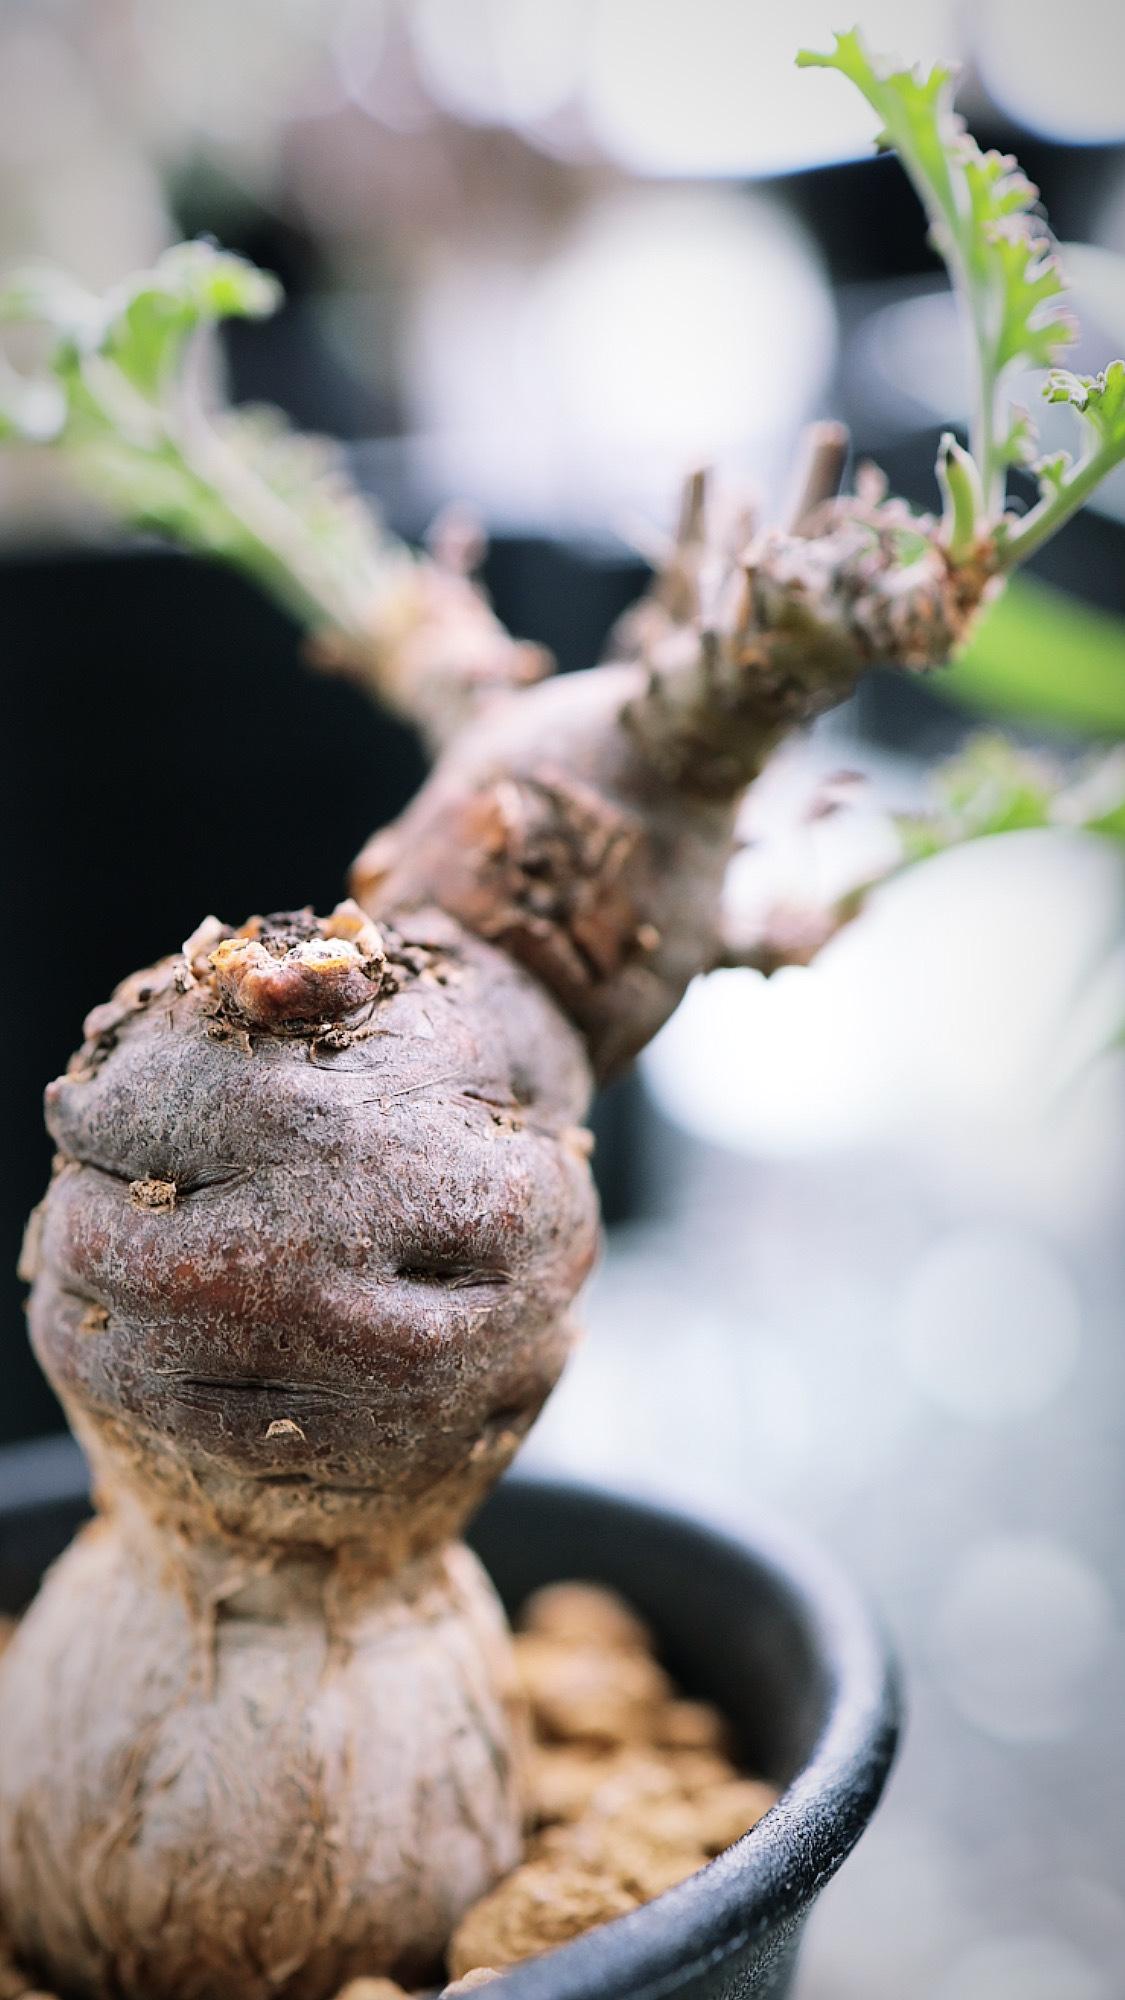 ぺラルゴニウムsp | pelargonium sp nov